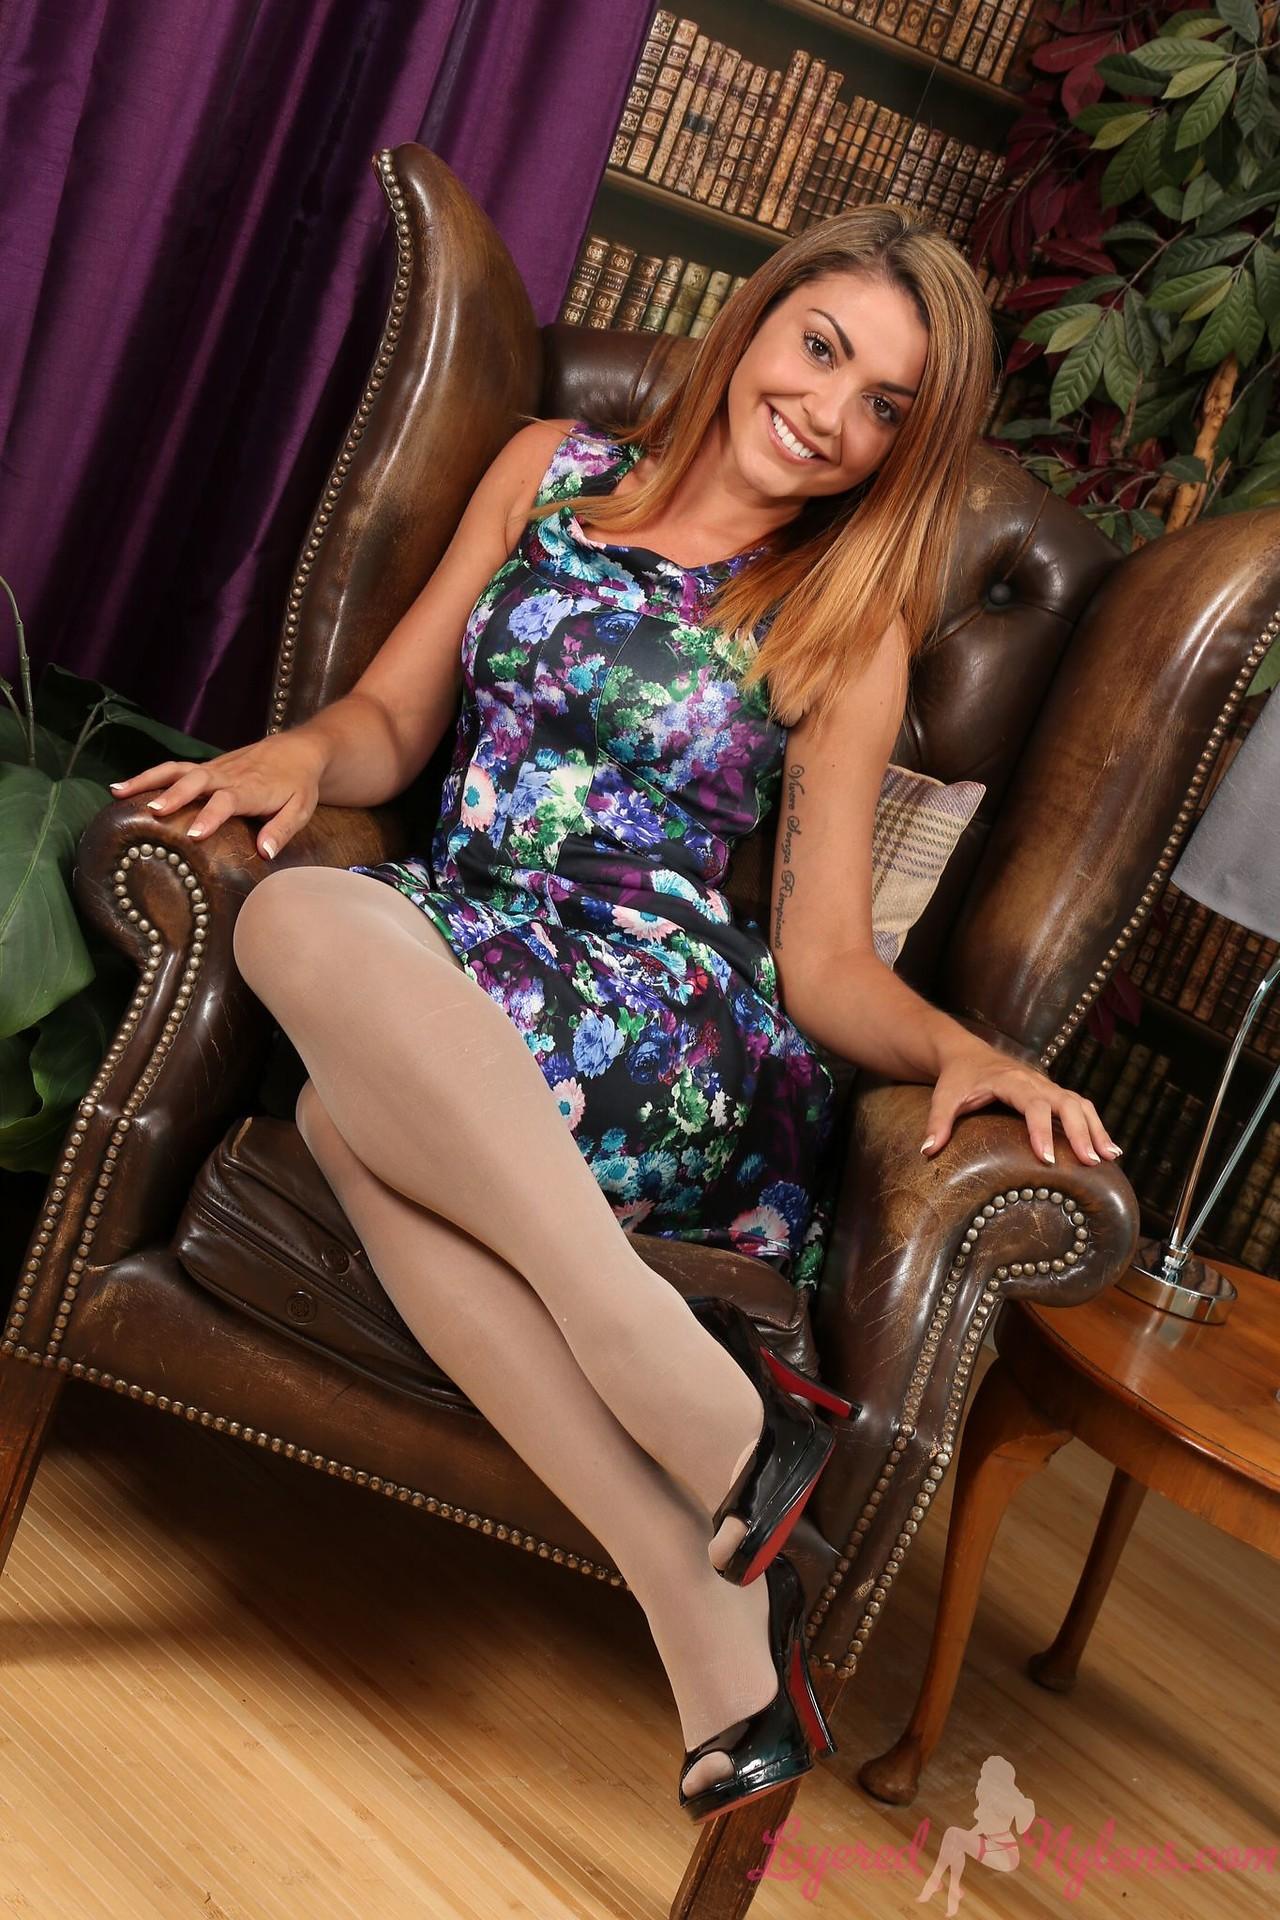 Красавица в колготках задирает платье - фото